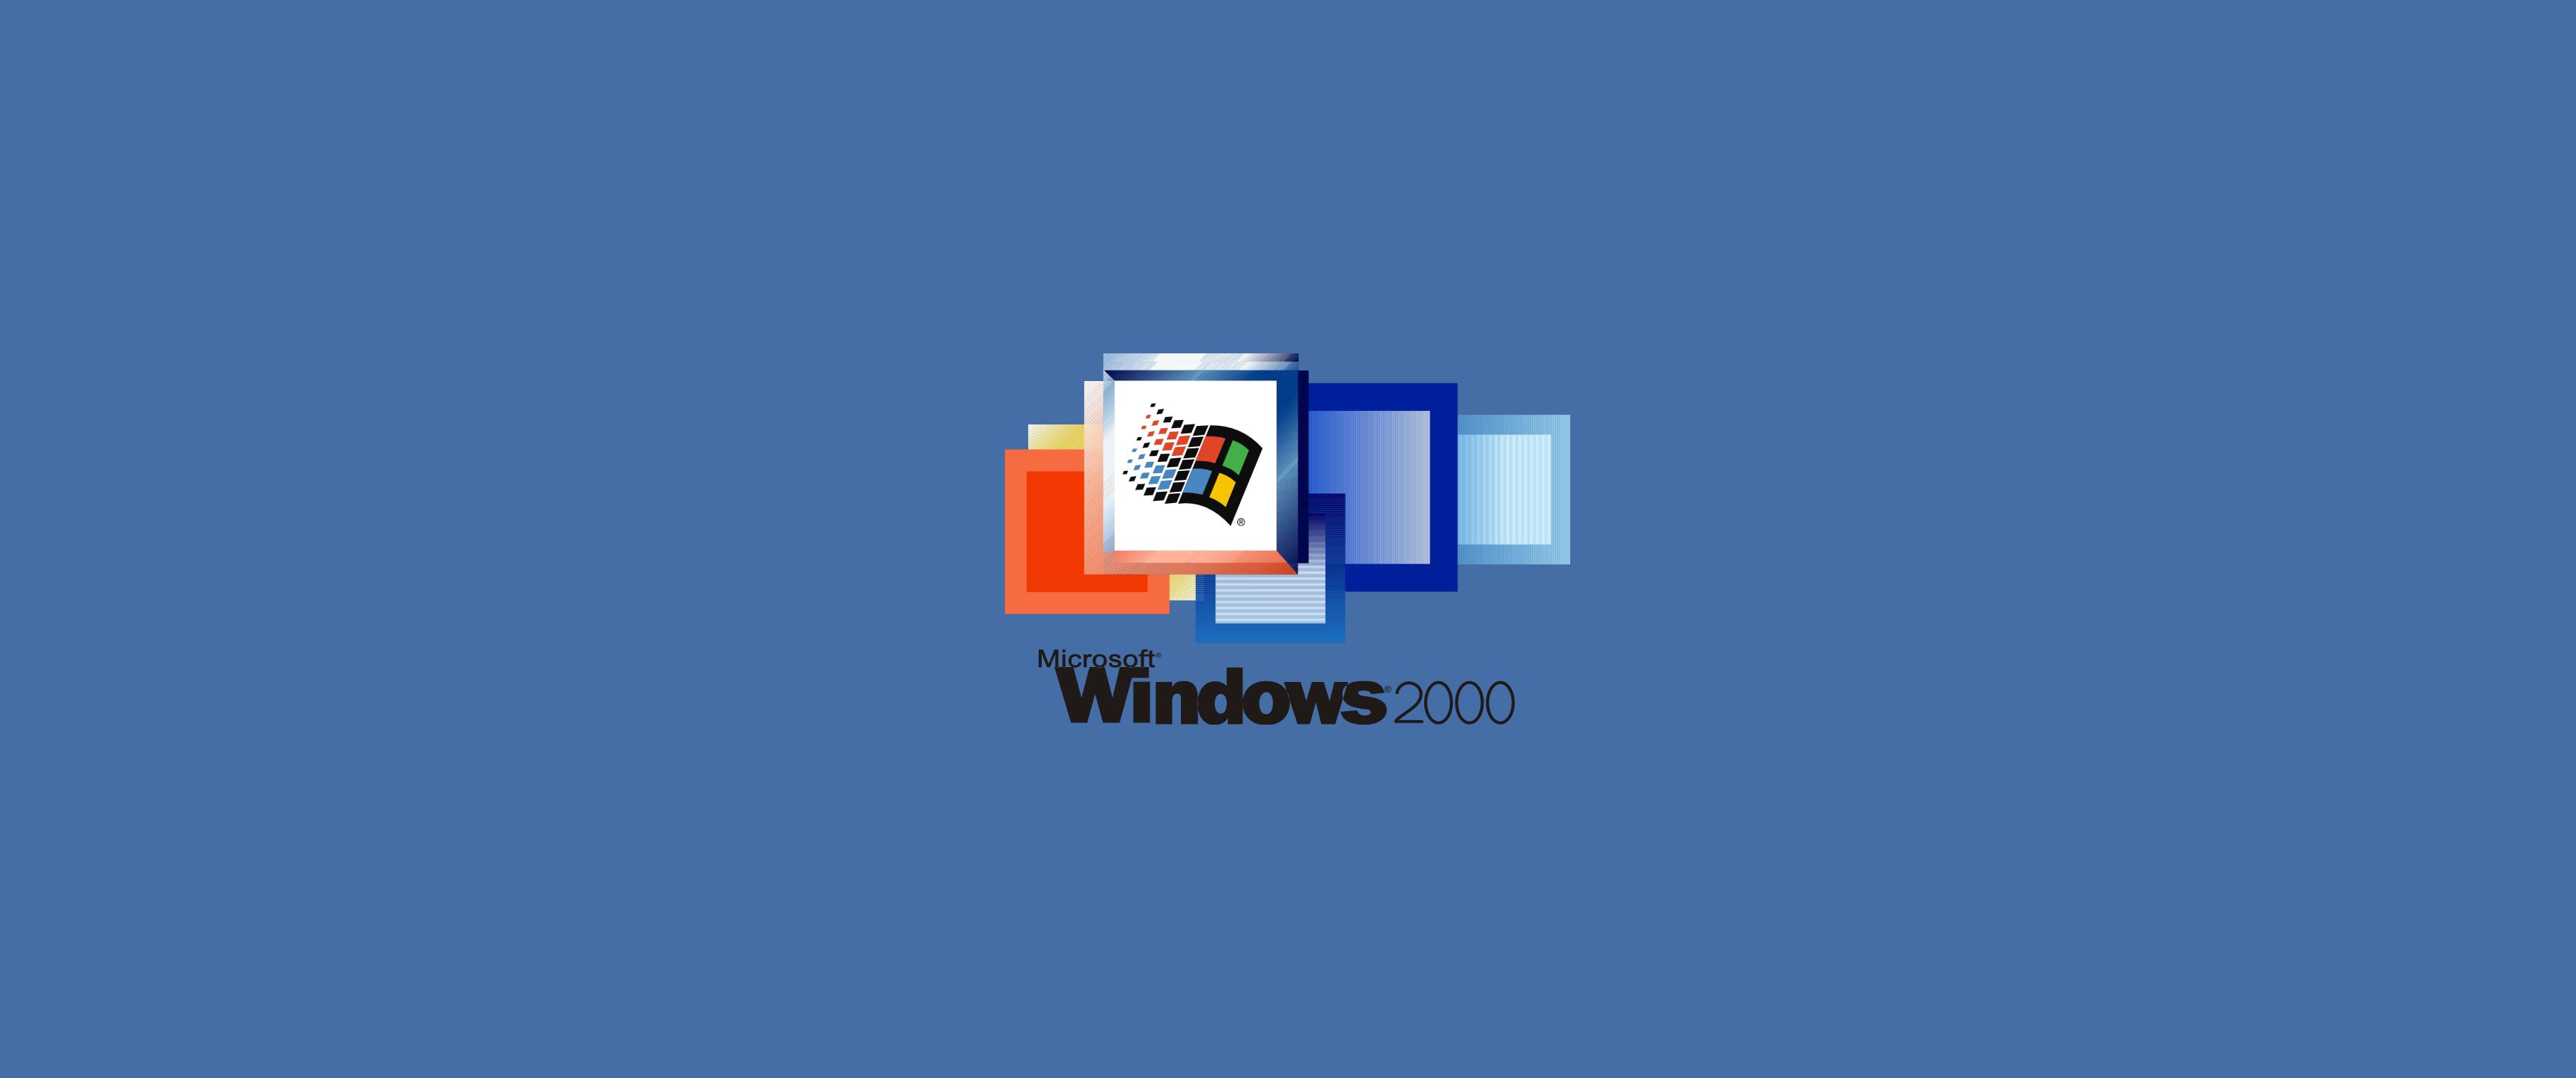 Hintergrundbilder  Minimalismus, Windows 20, Microsoft ...